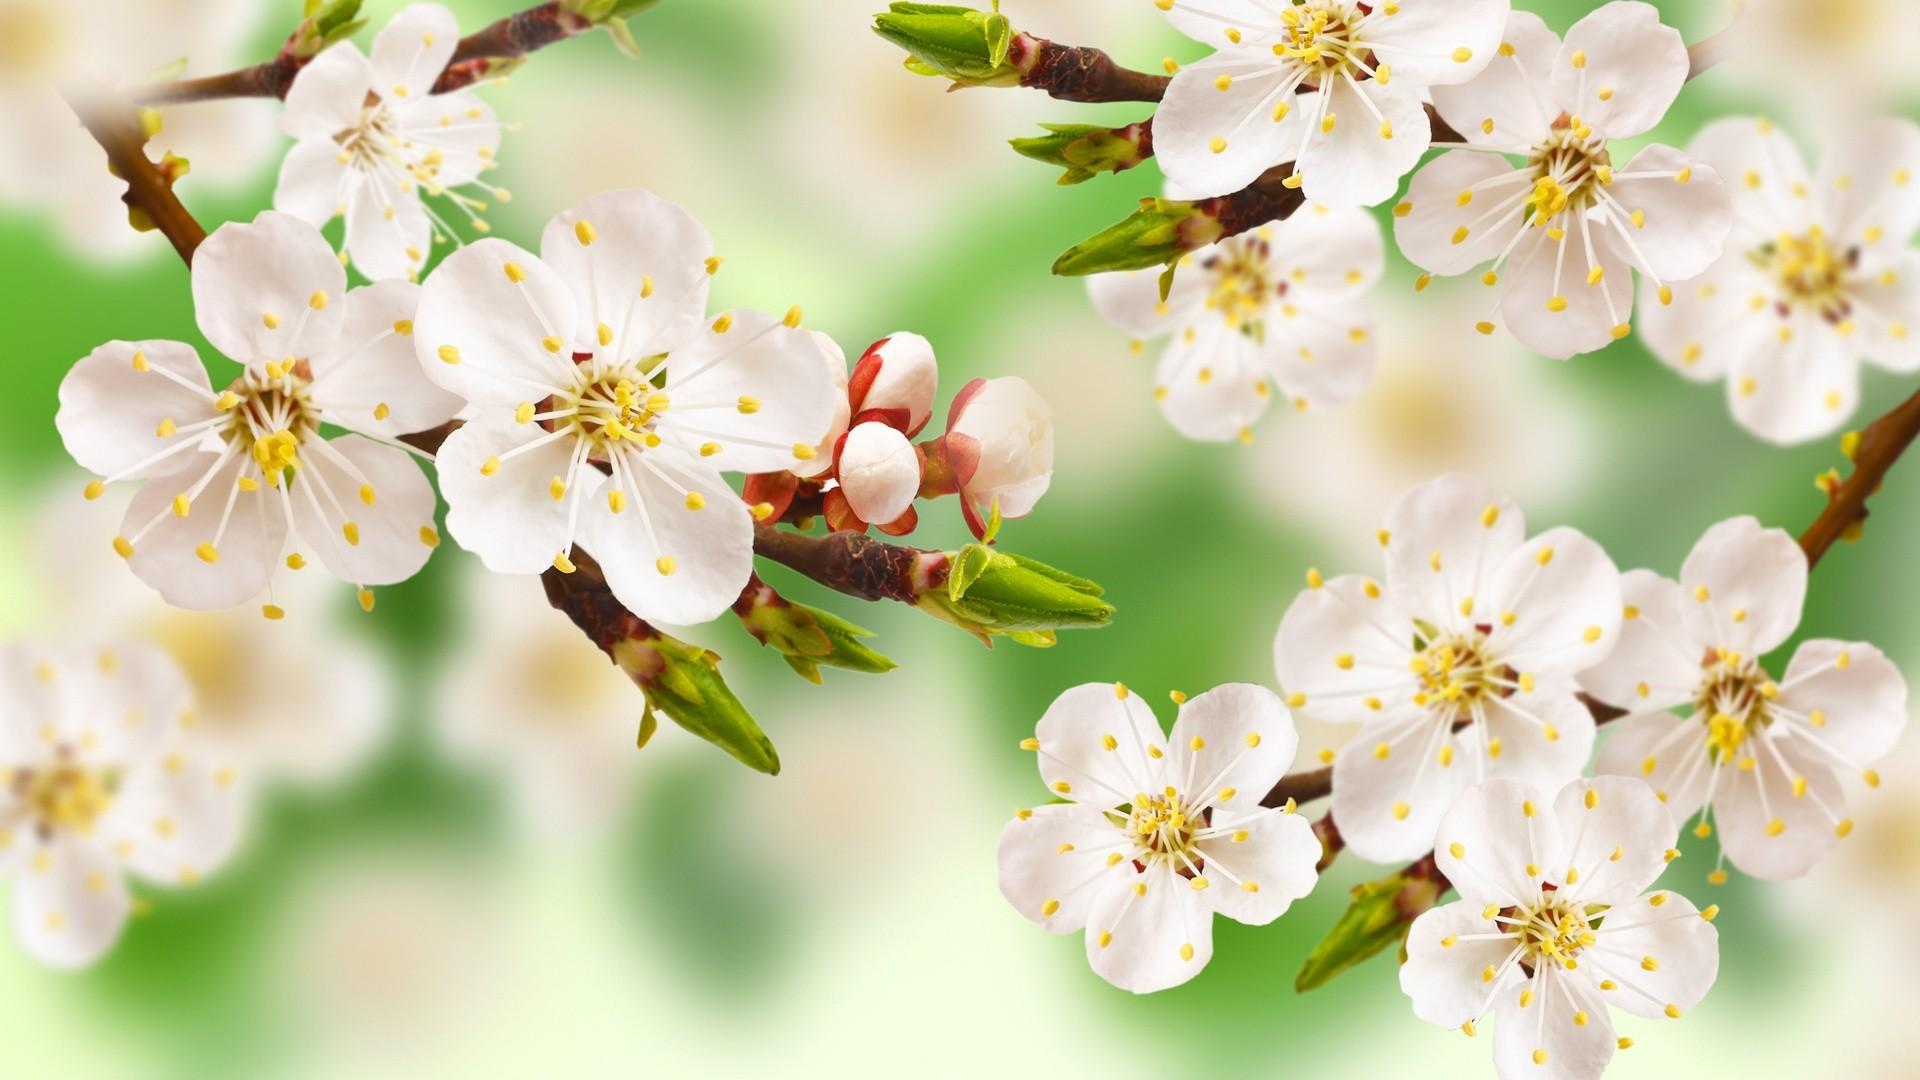 обои цветущие деревья для рабочего стола № 431692  скачать